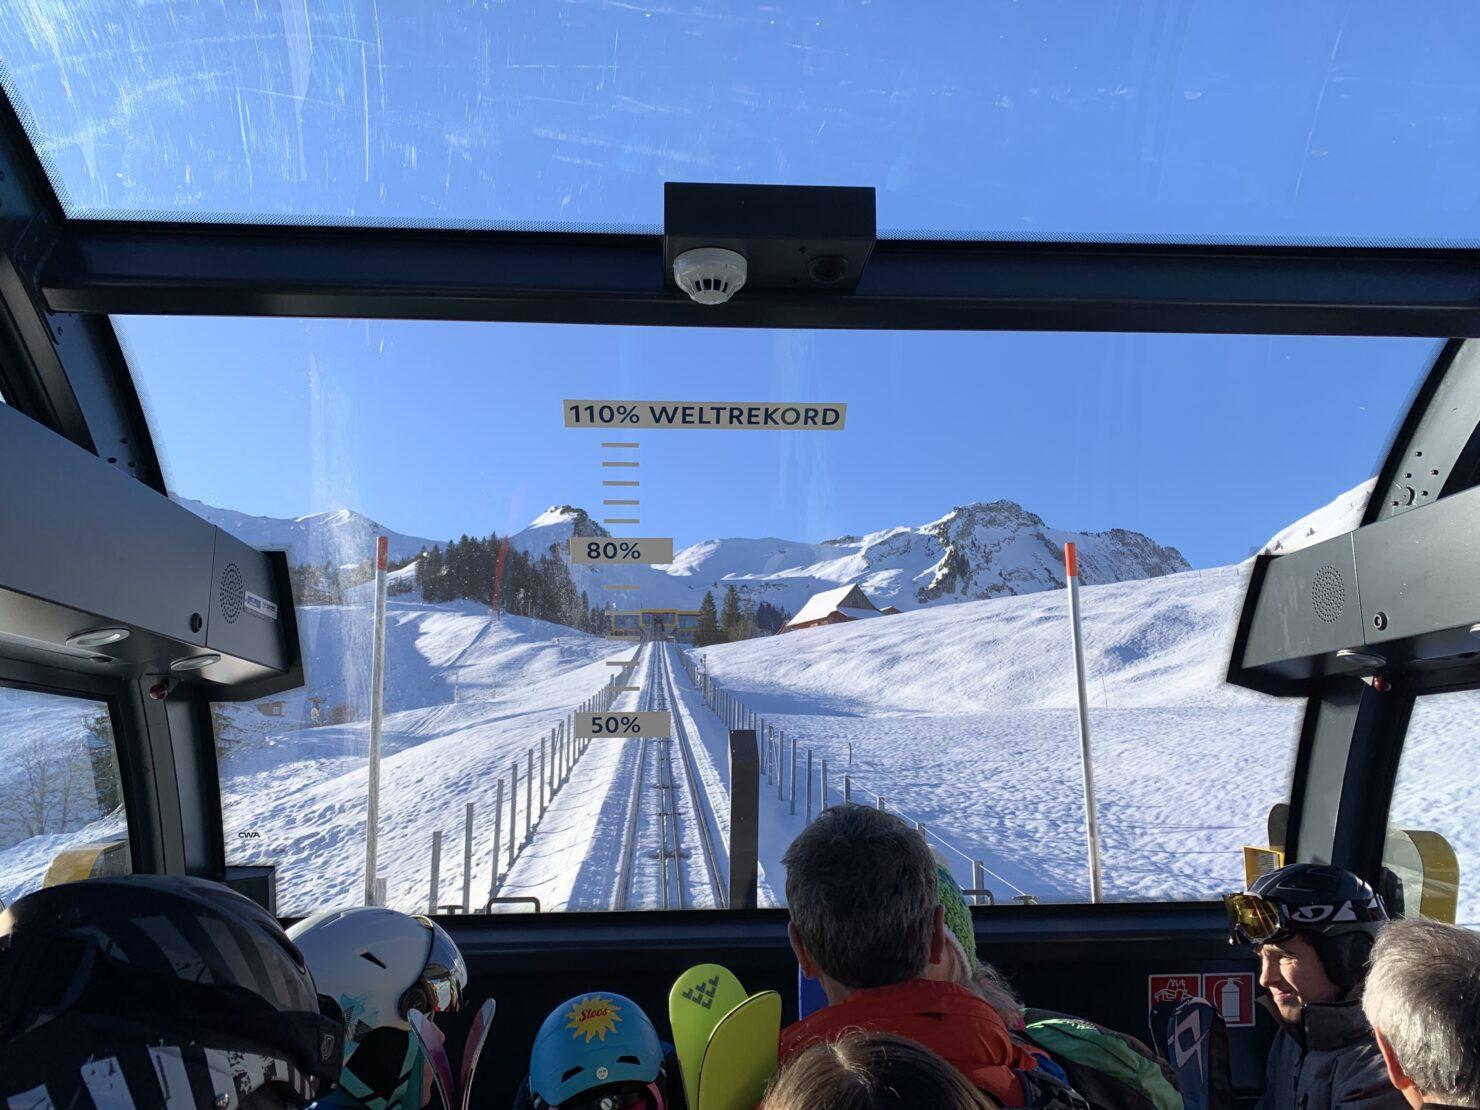 Steilste Standseilbahn der Welt: Nur schon der Aufstieg auf den Stoos ist einen Ausflug wert!